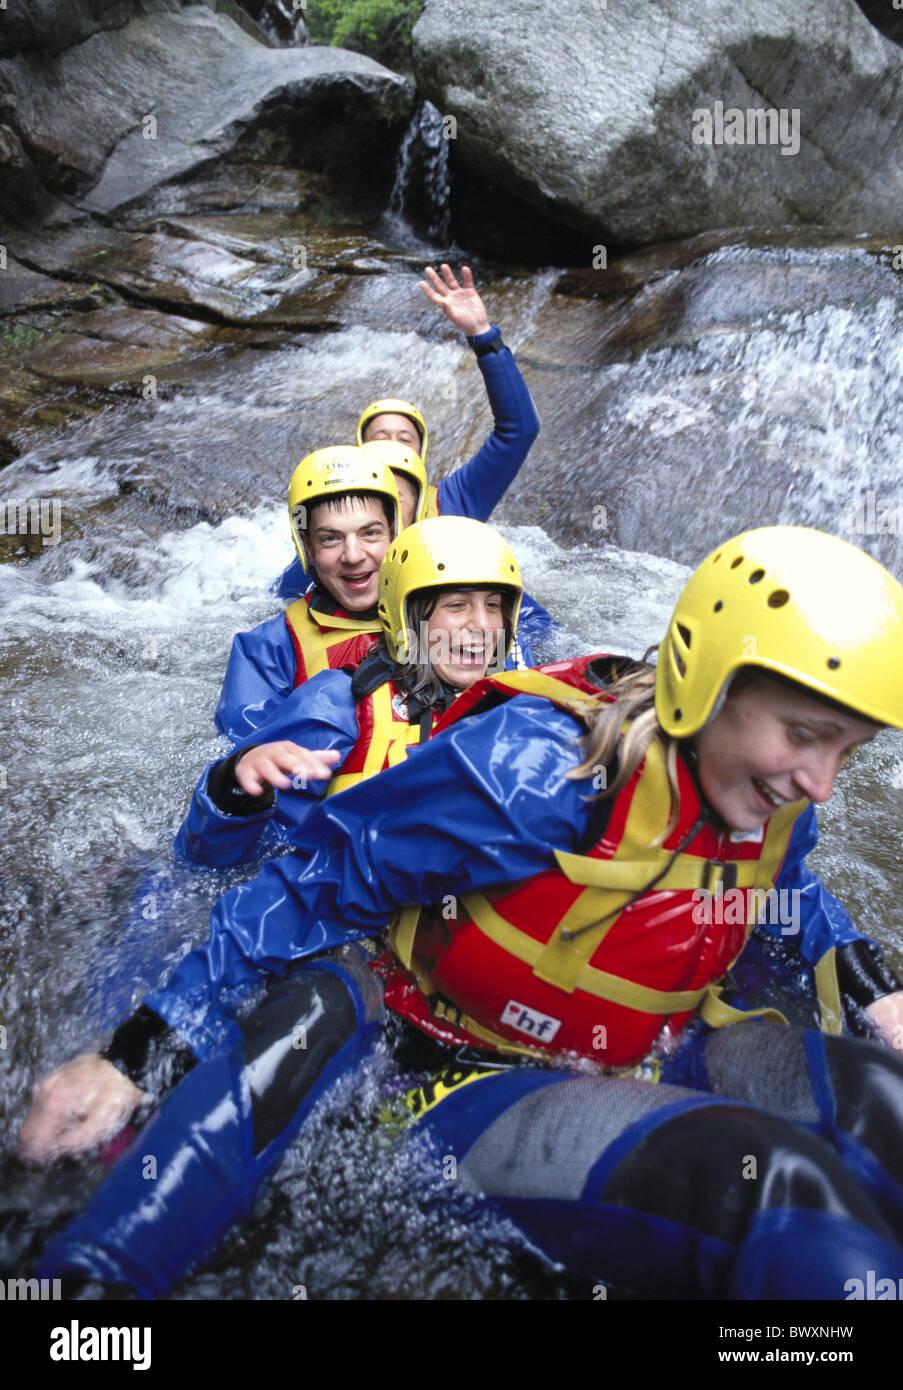 Canyoning Abenteuer Gerätegruppe eins nach dem anderen Wasser-Kanton Tessin-Malvaglio-Schweiz-Europa-Spaß Stockbild